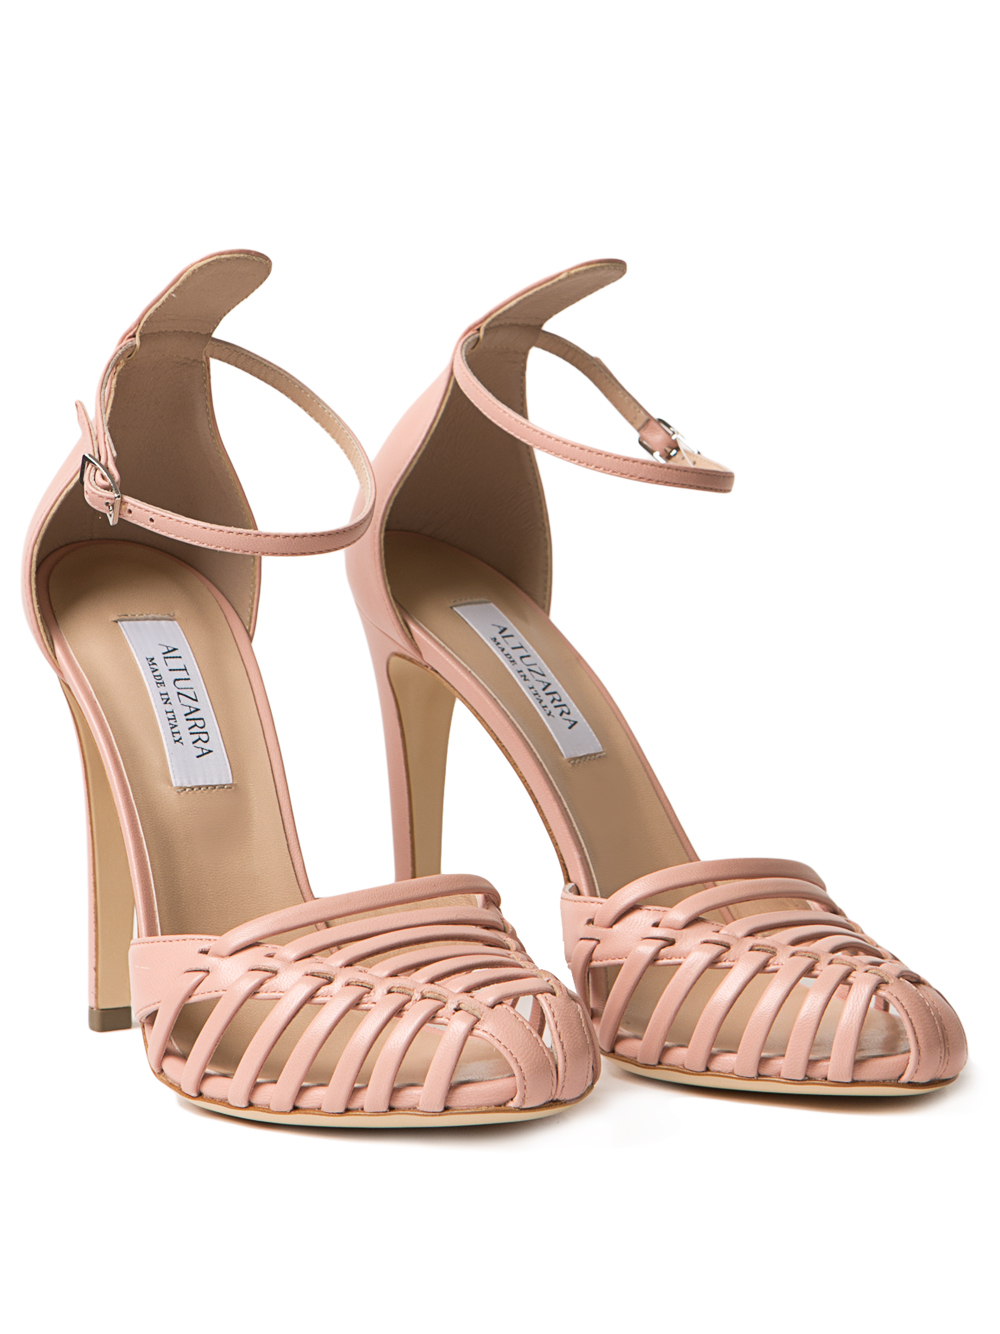 Lyst - Altuzarra Coco Toe Cap Sandals in Pink